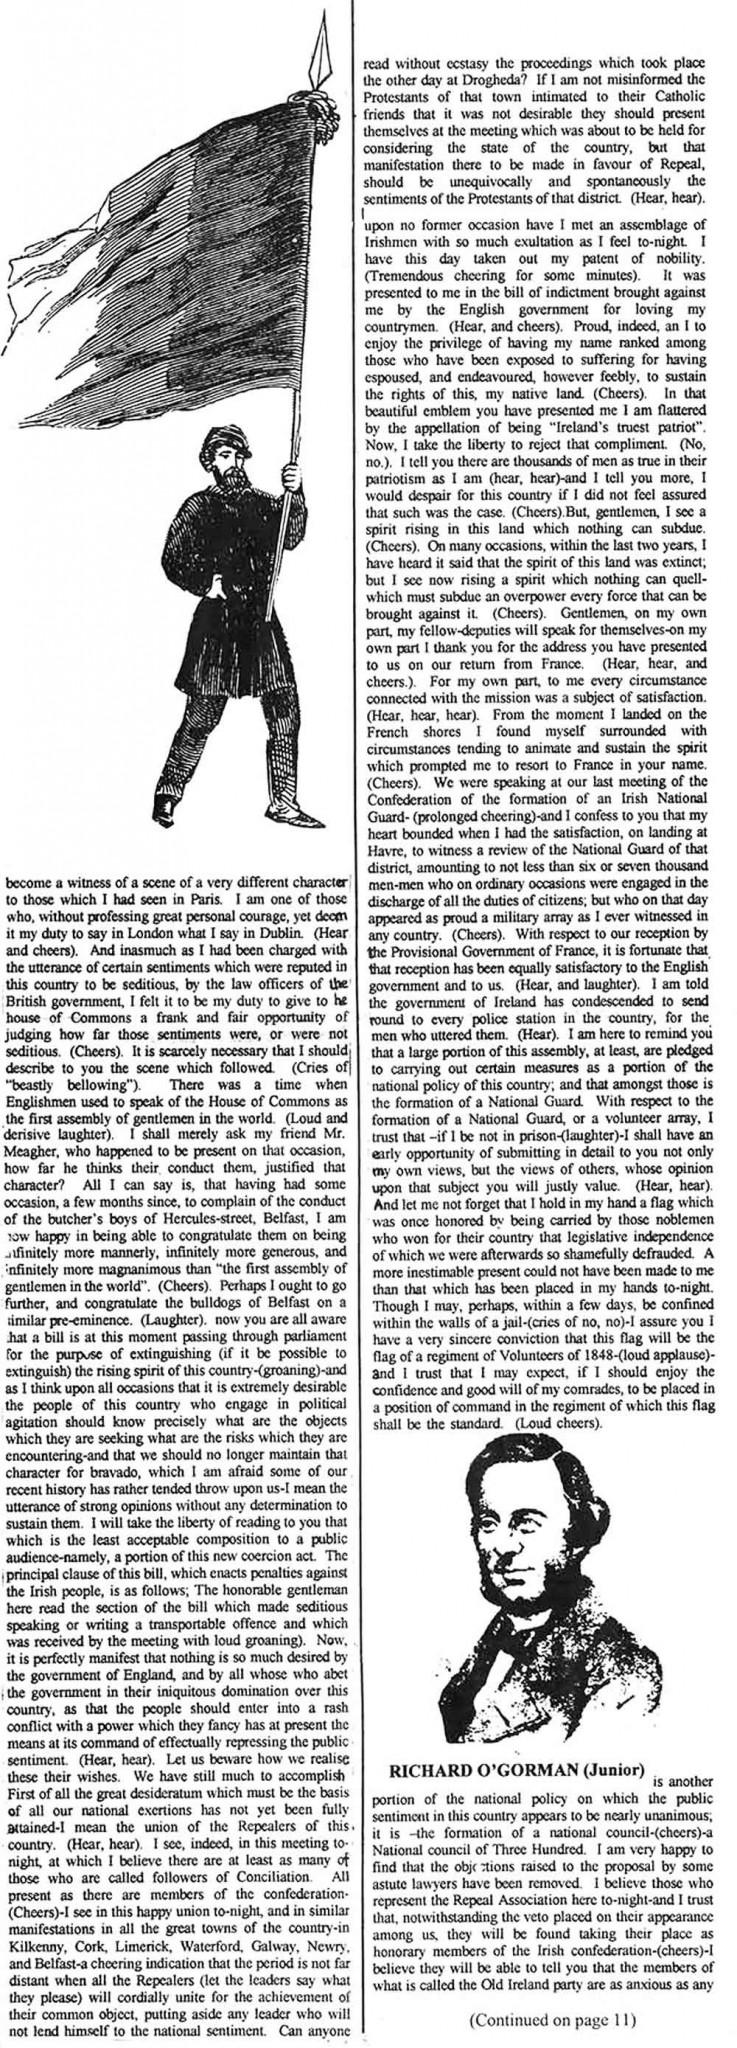 Newspaper-2-2